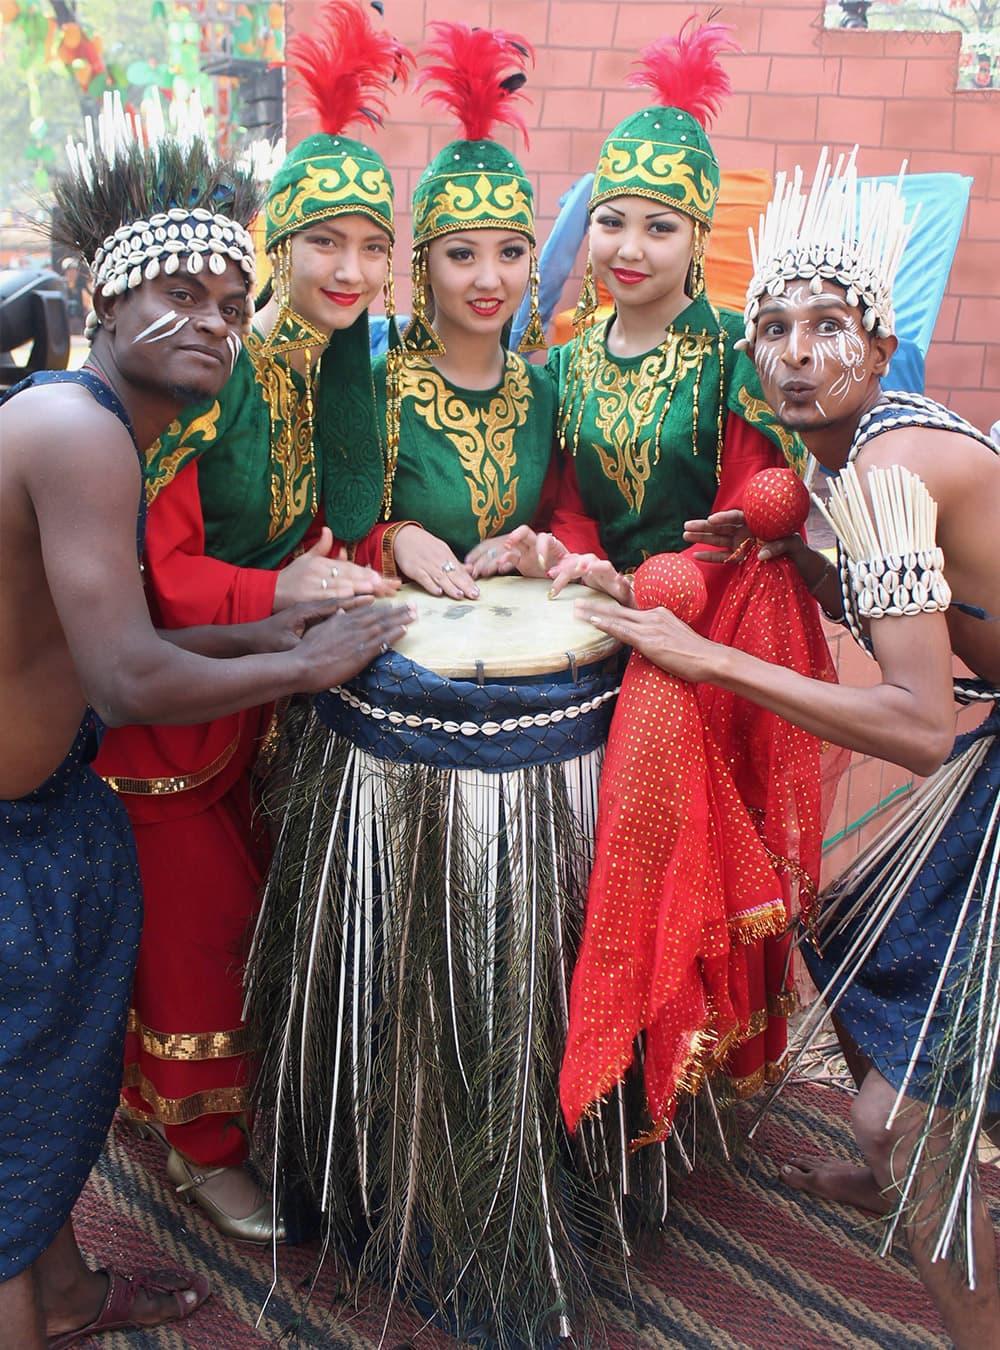 Folk artists at the Surajkund International Crafts Mela in Faridabad, Haryana.